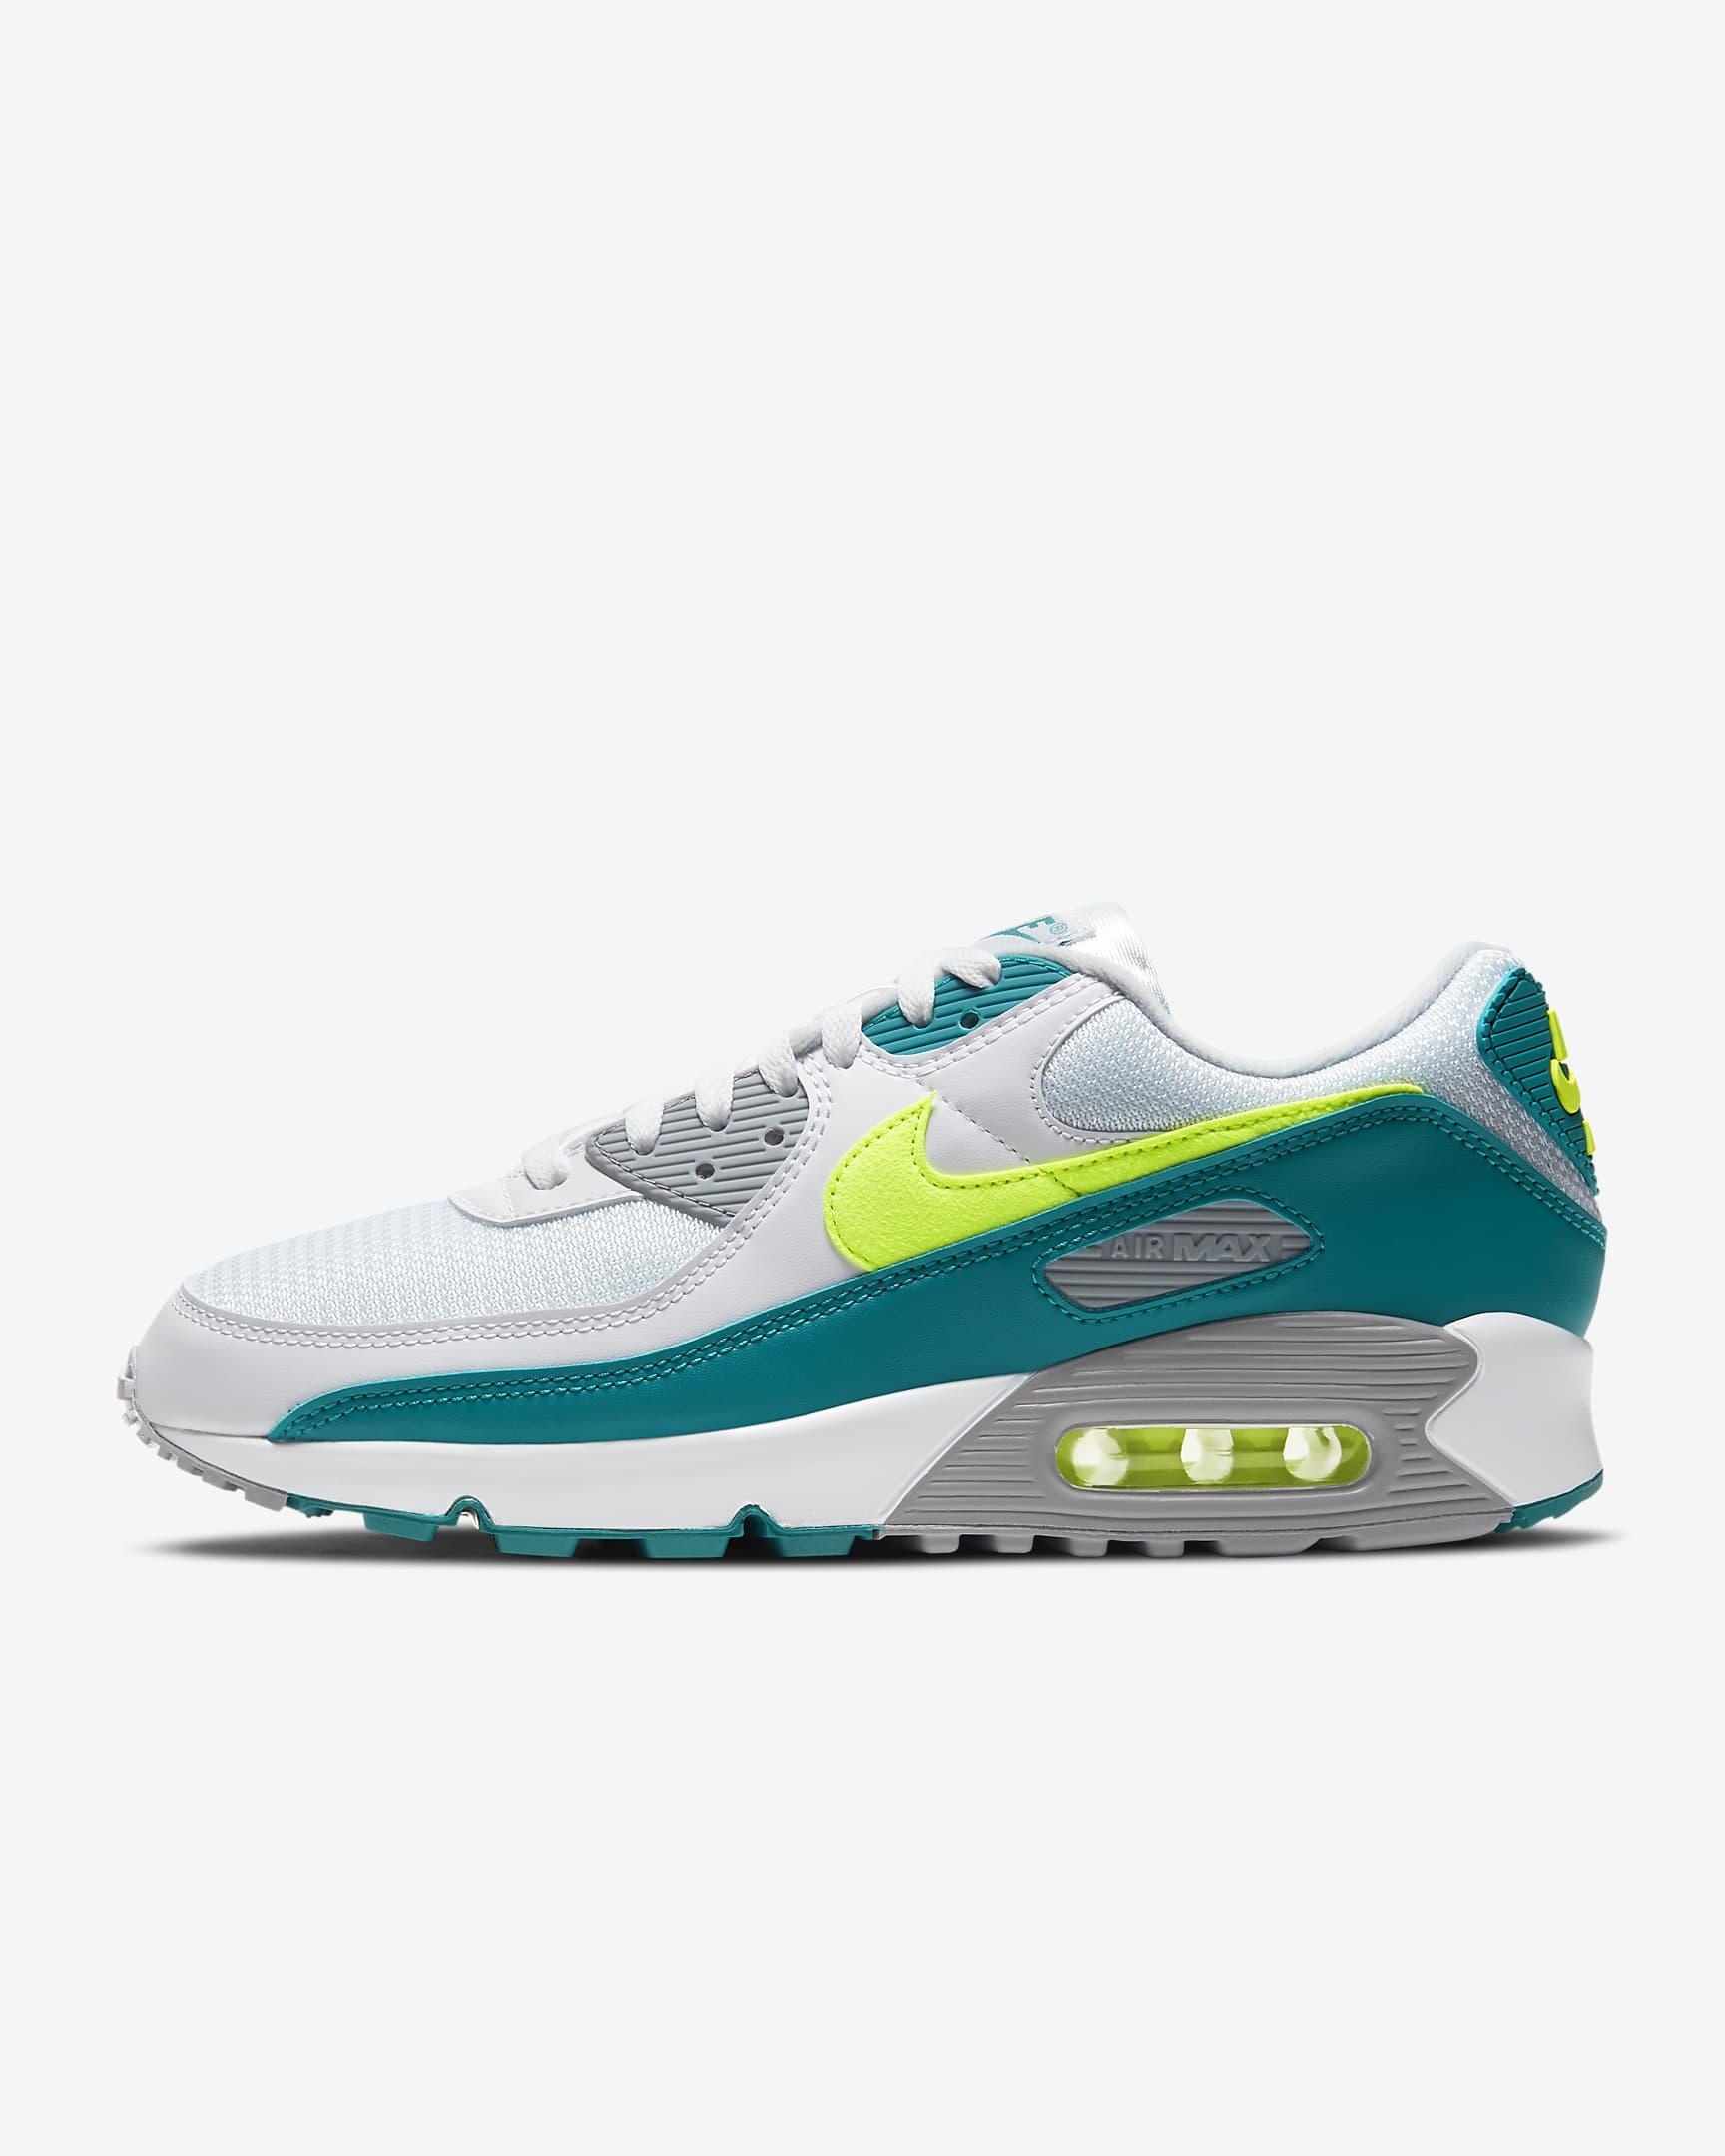 Nike Men's Air Max 3 Shoes